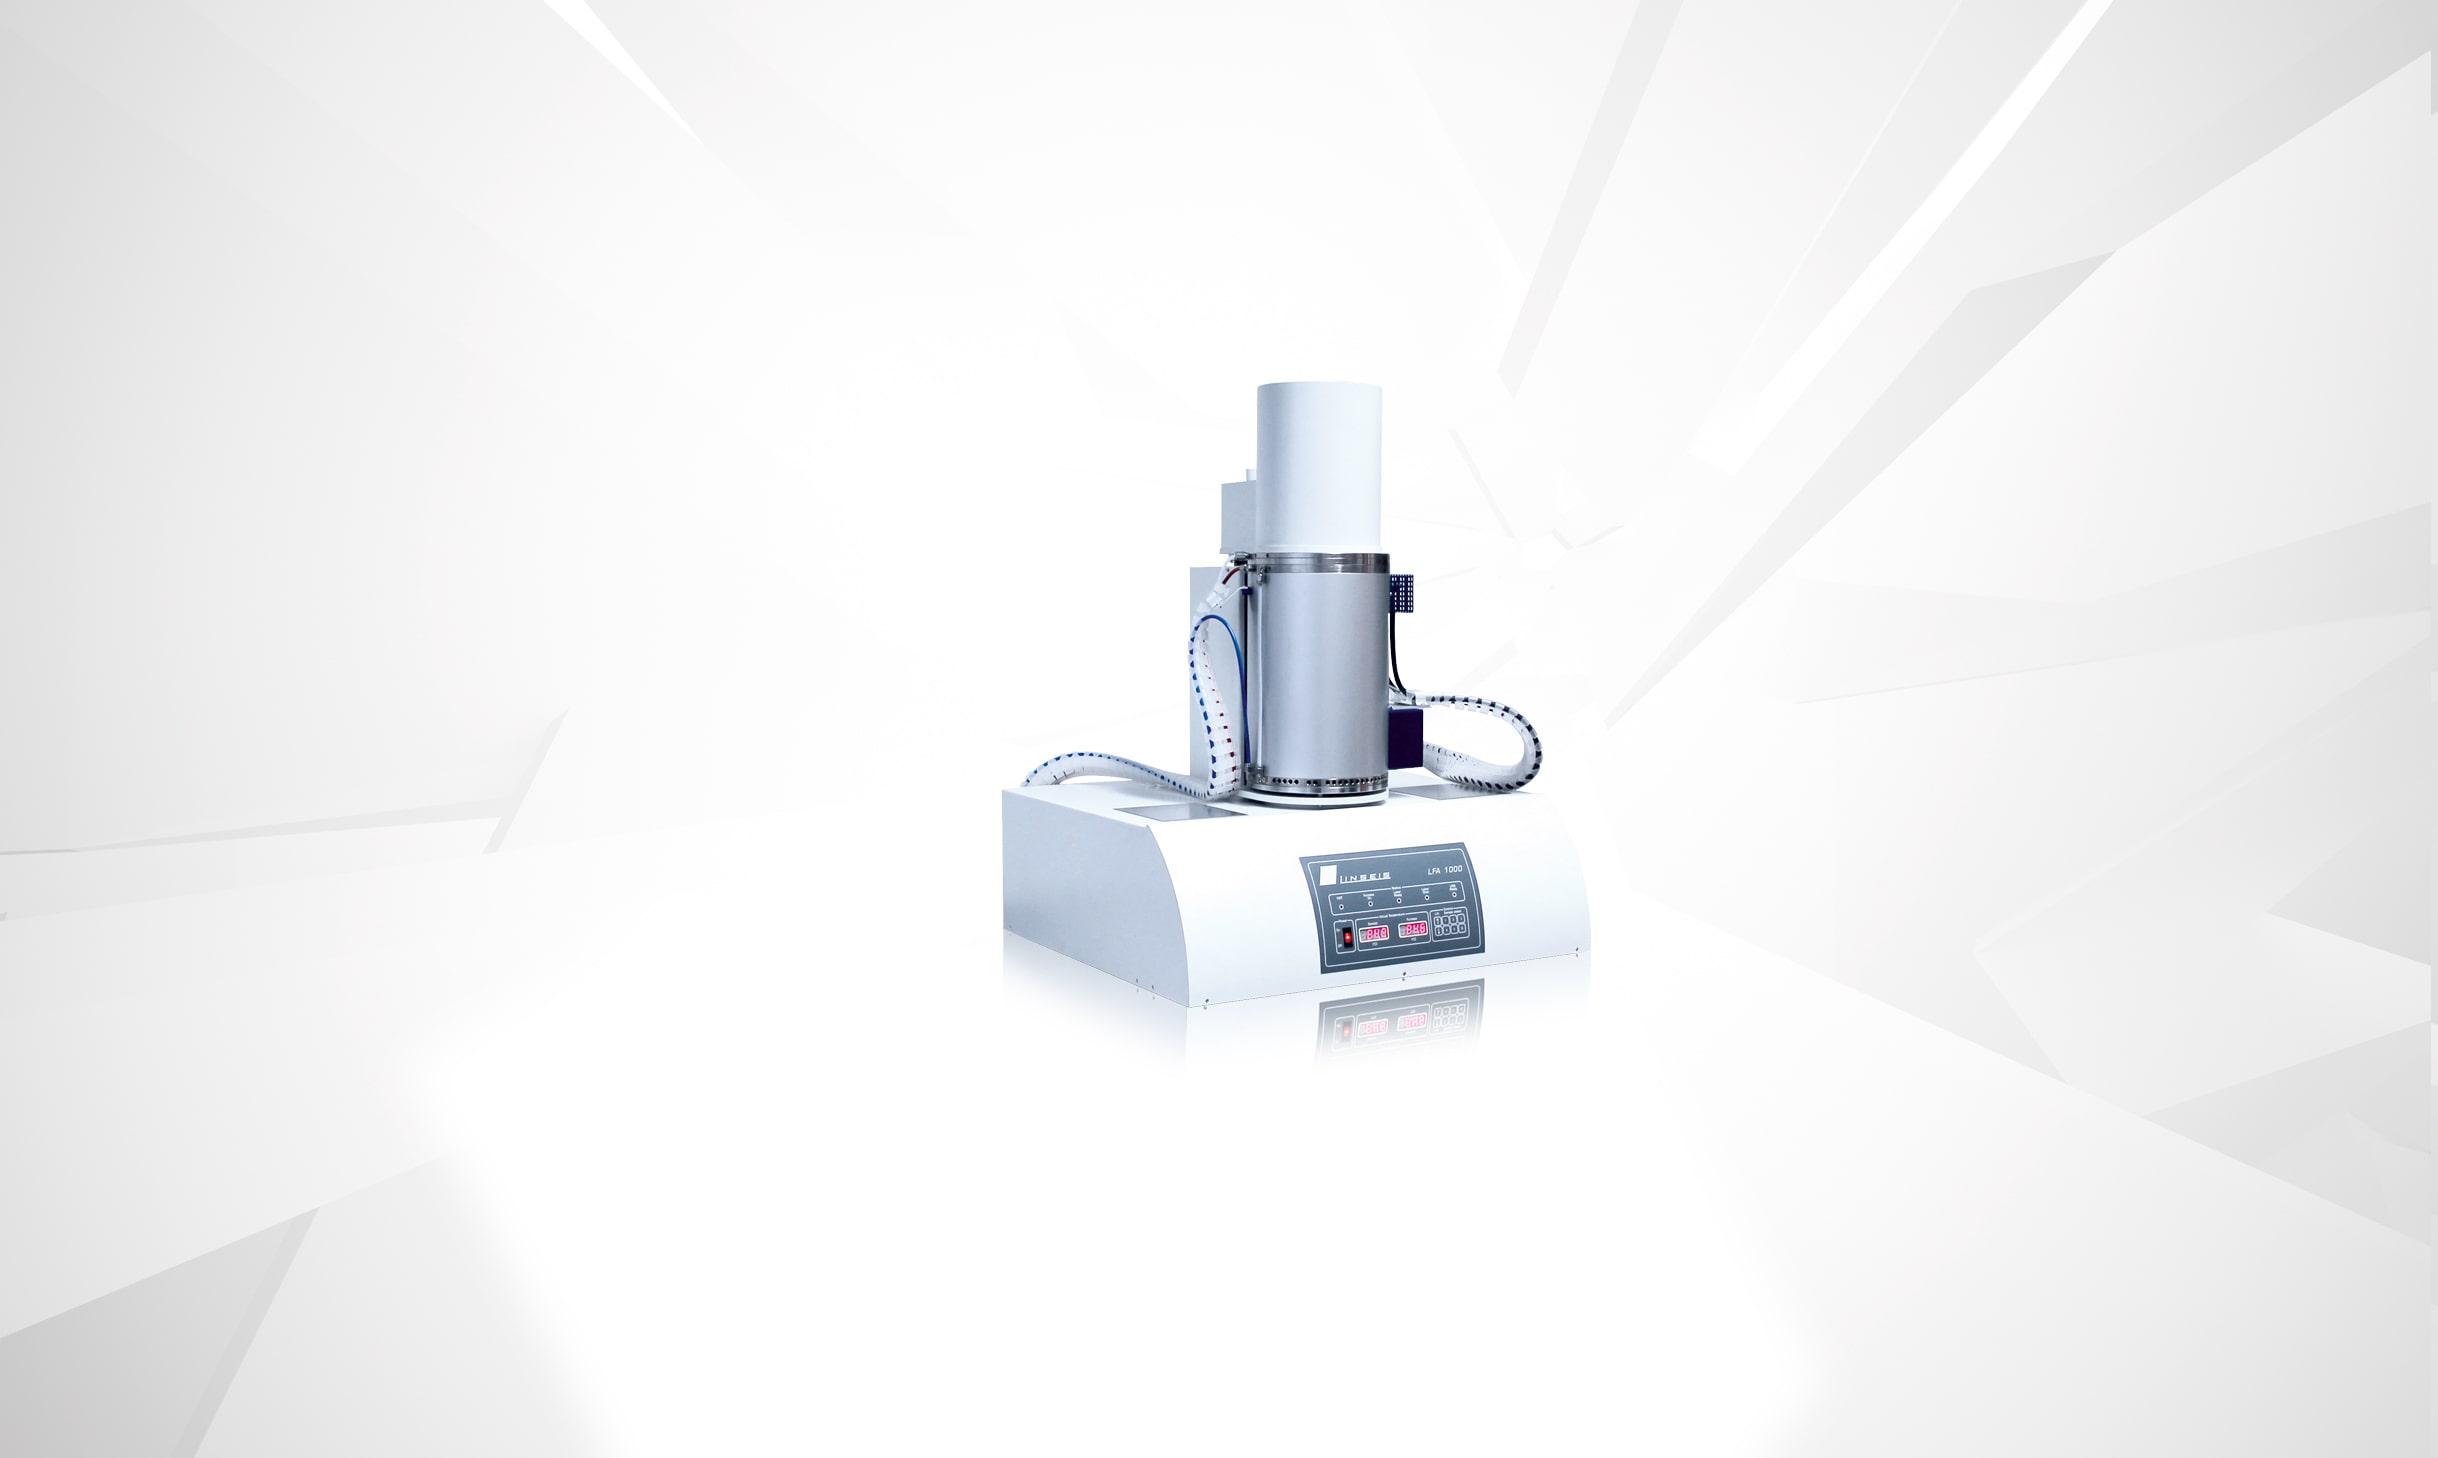 Linseis LFA 1000 Laserflash